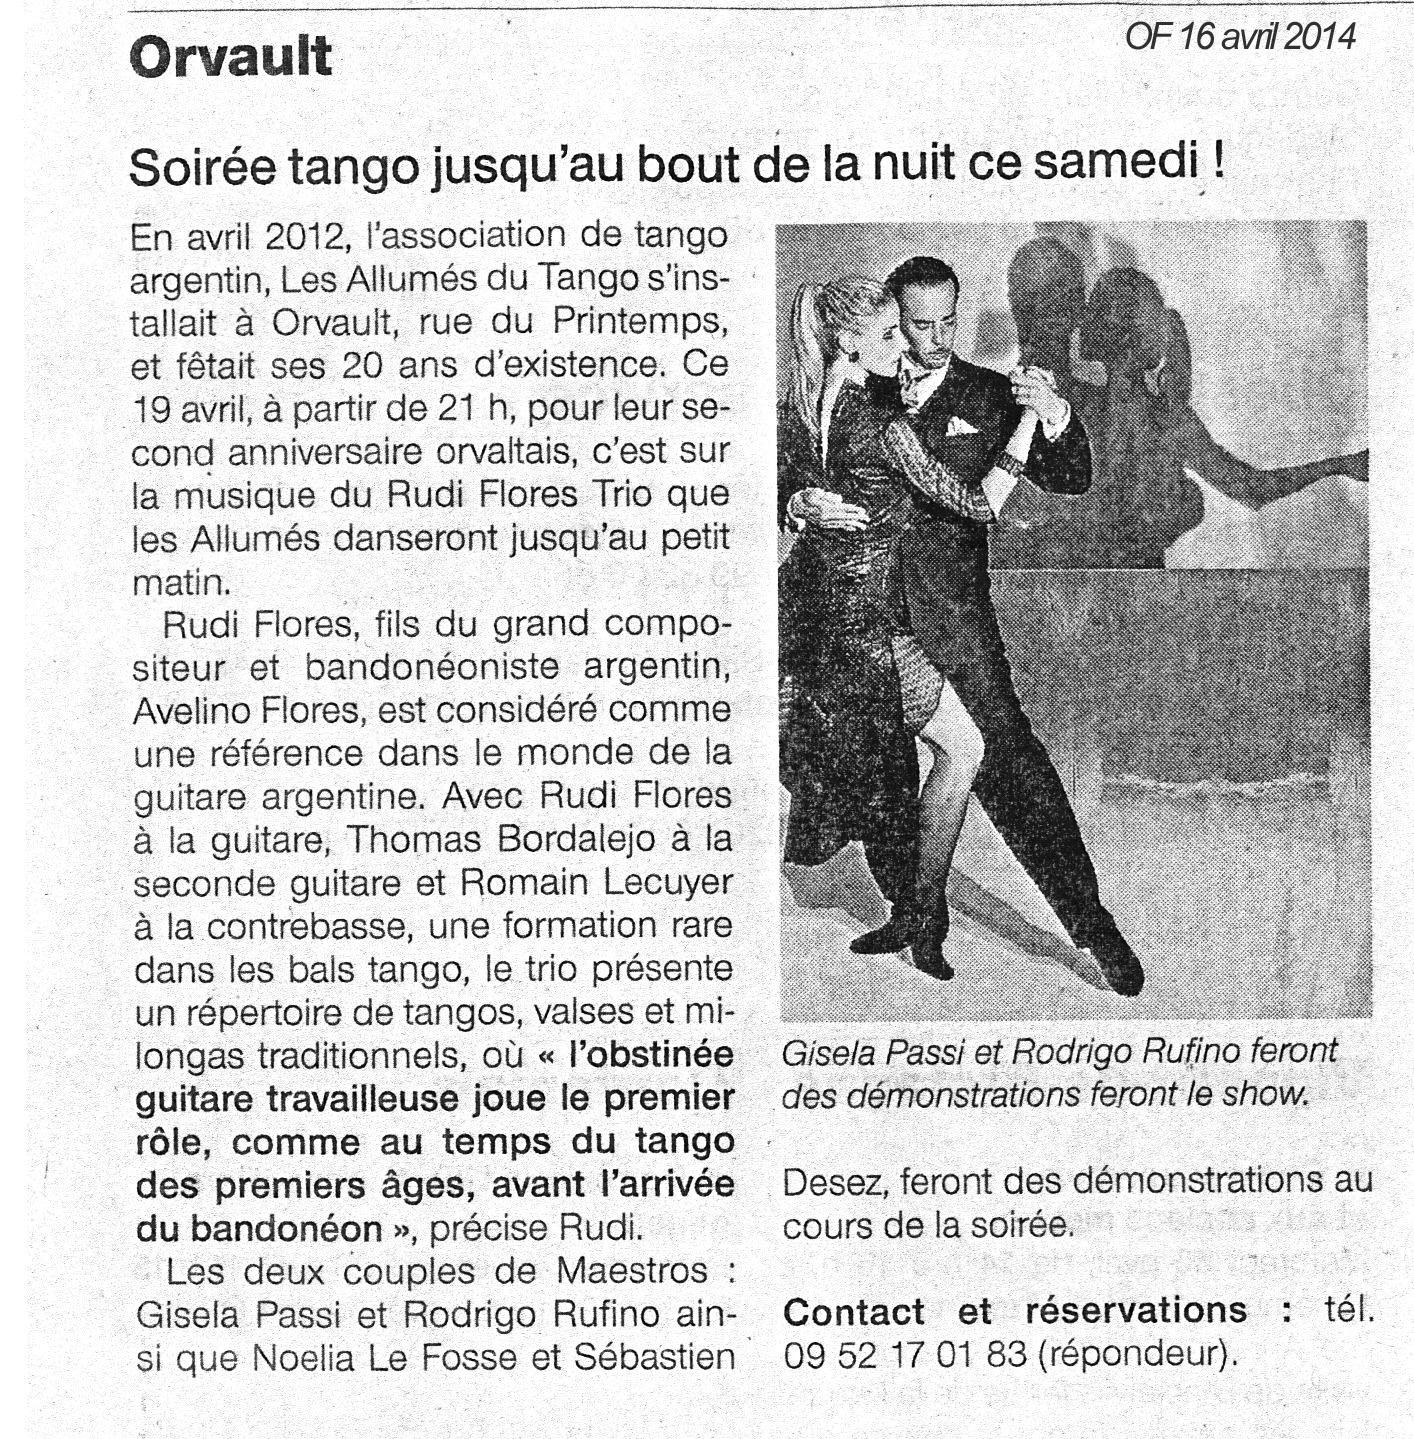 OUEST FRANCE 042014  - Concert Rudi Flores trio